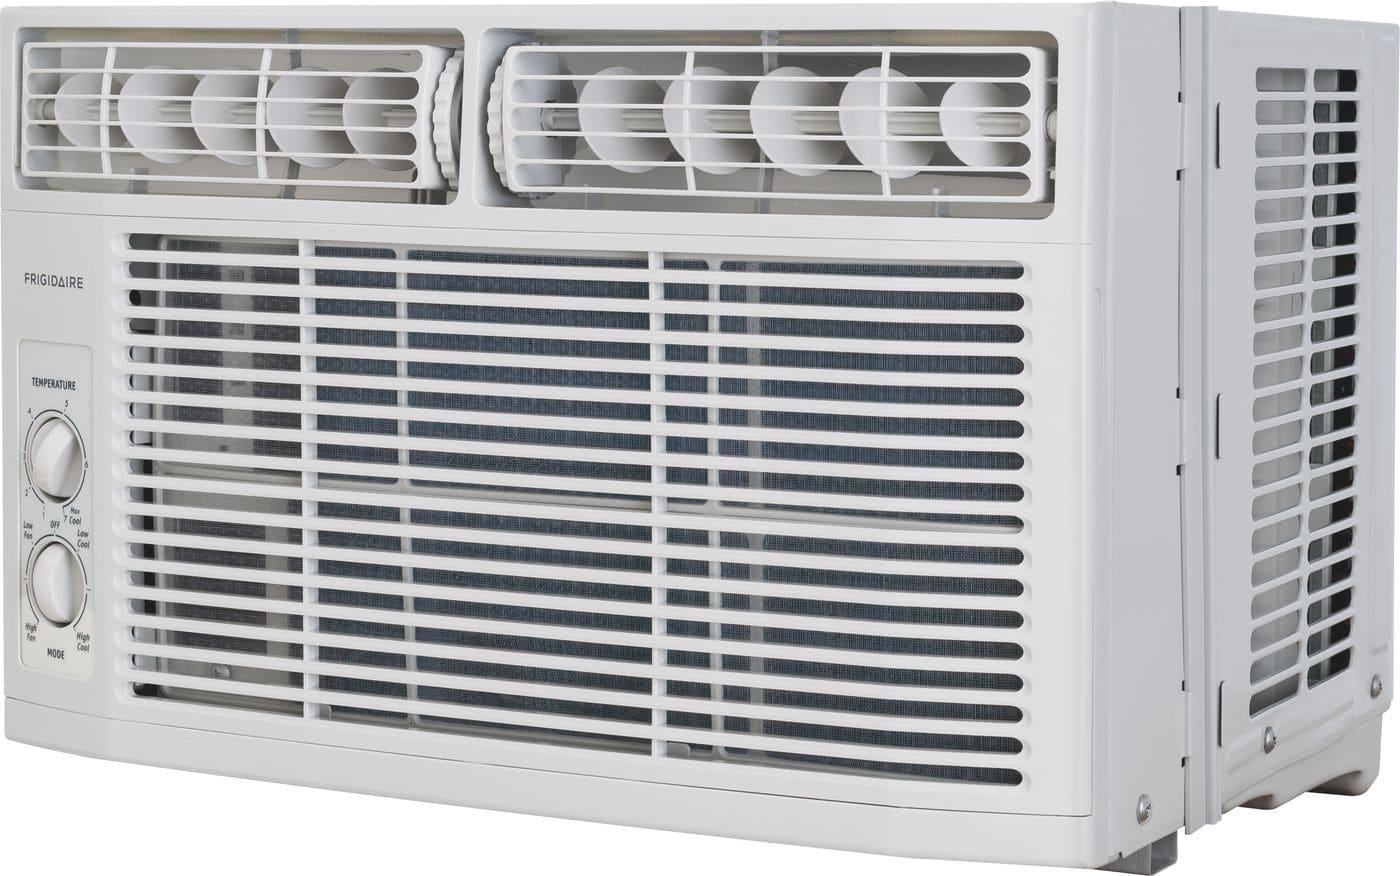 Model: FFRA0811R1   Frigidaire 8,000 BTU Window-Mounted Room Air Conditioner